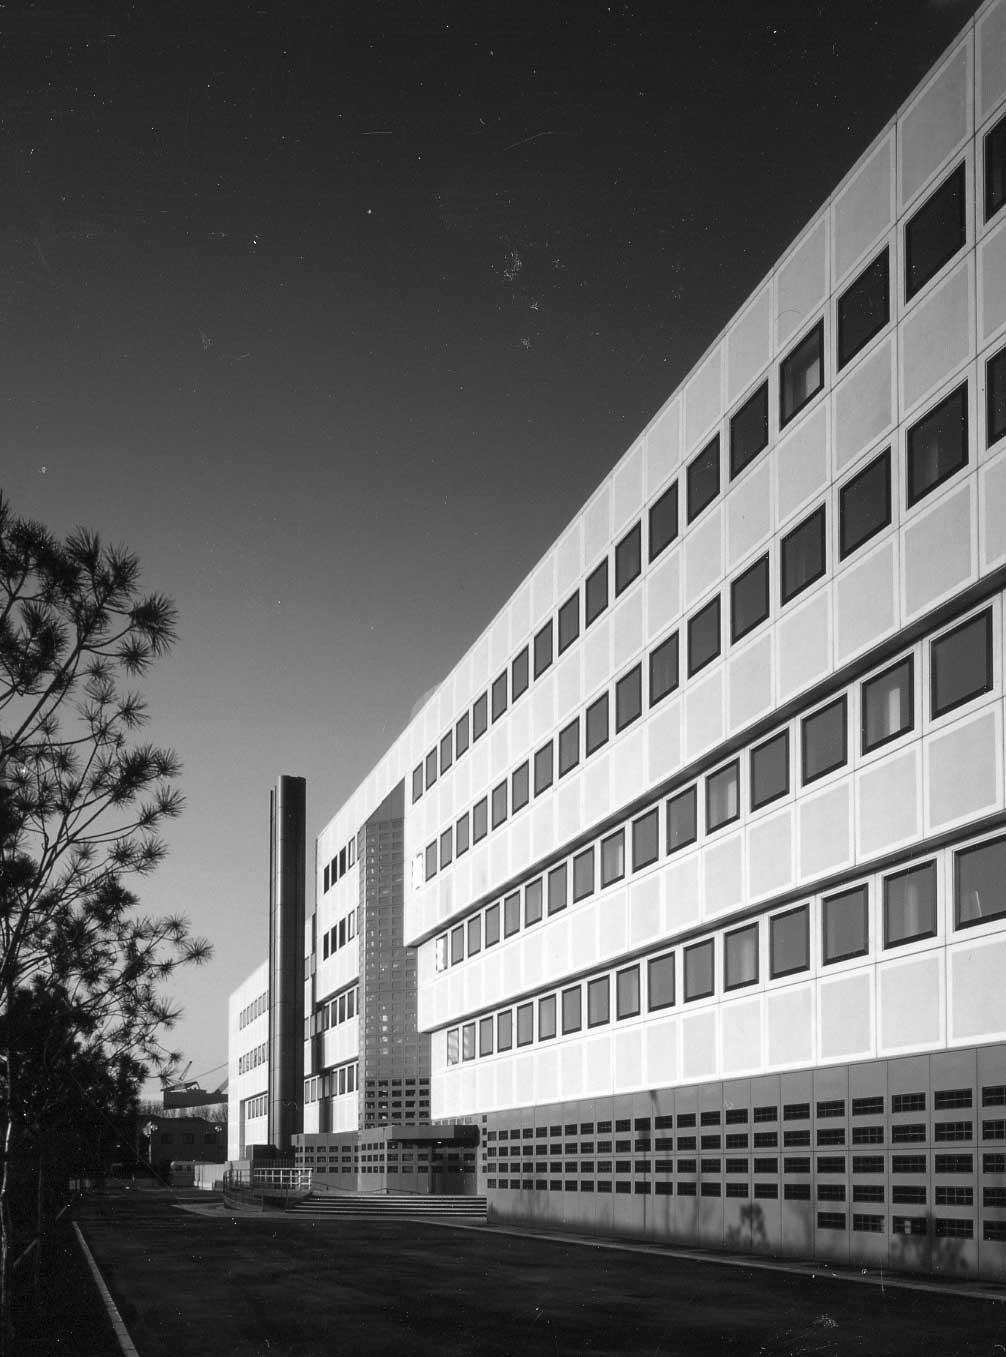 27 - Centro polifunzionale servizi operativi delle Aziende del Ministero Poste e Telecomunicazioni, Mestre (VE), per Italposte Roma; con C. e GC. Pediconi - Vista esterna